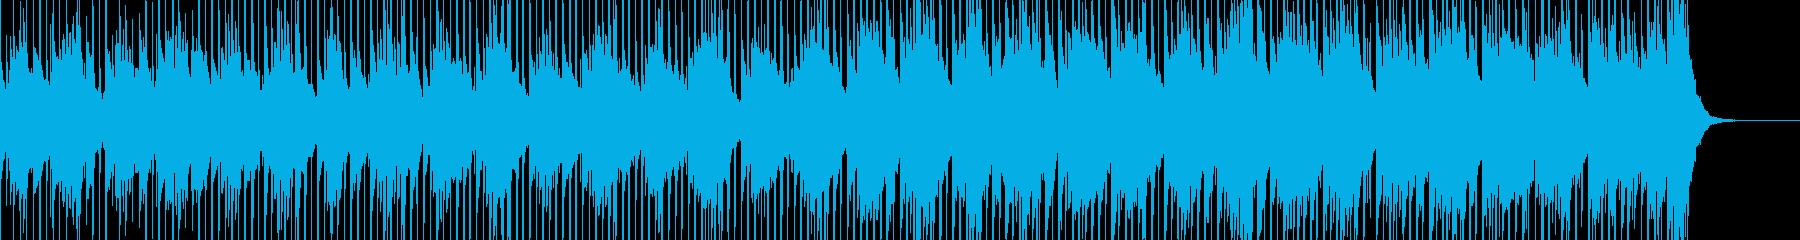 ループ可、カワイイ、CM、シンセとビートの再生済みの波形